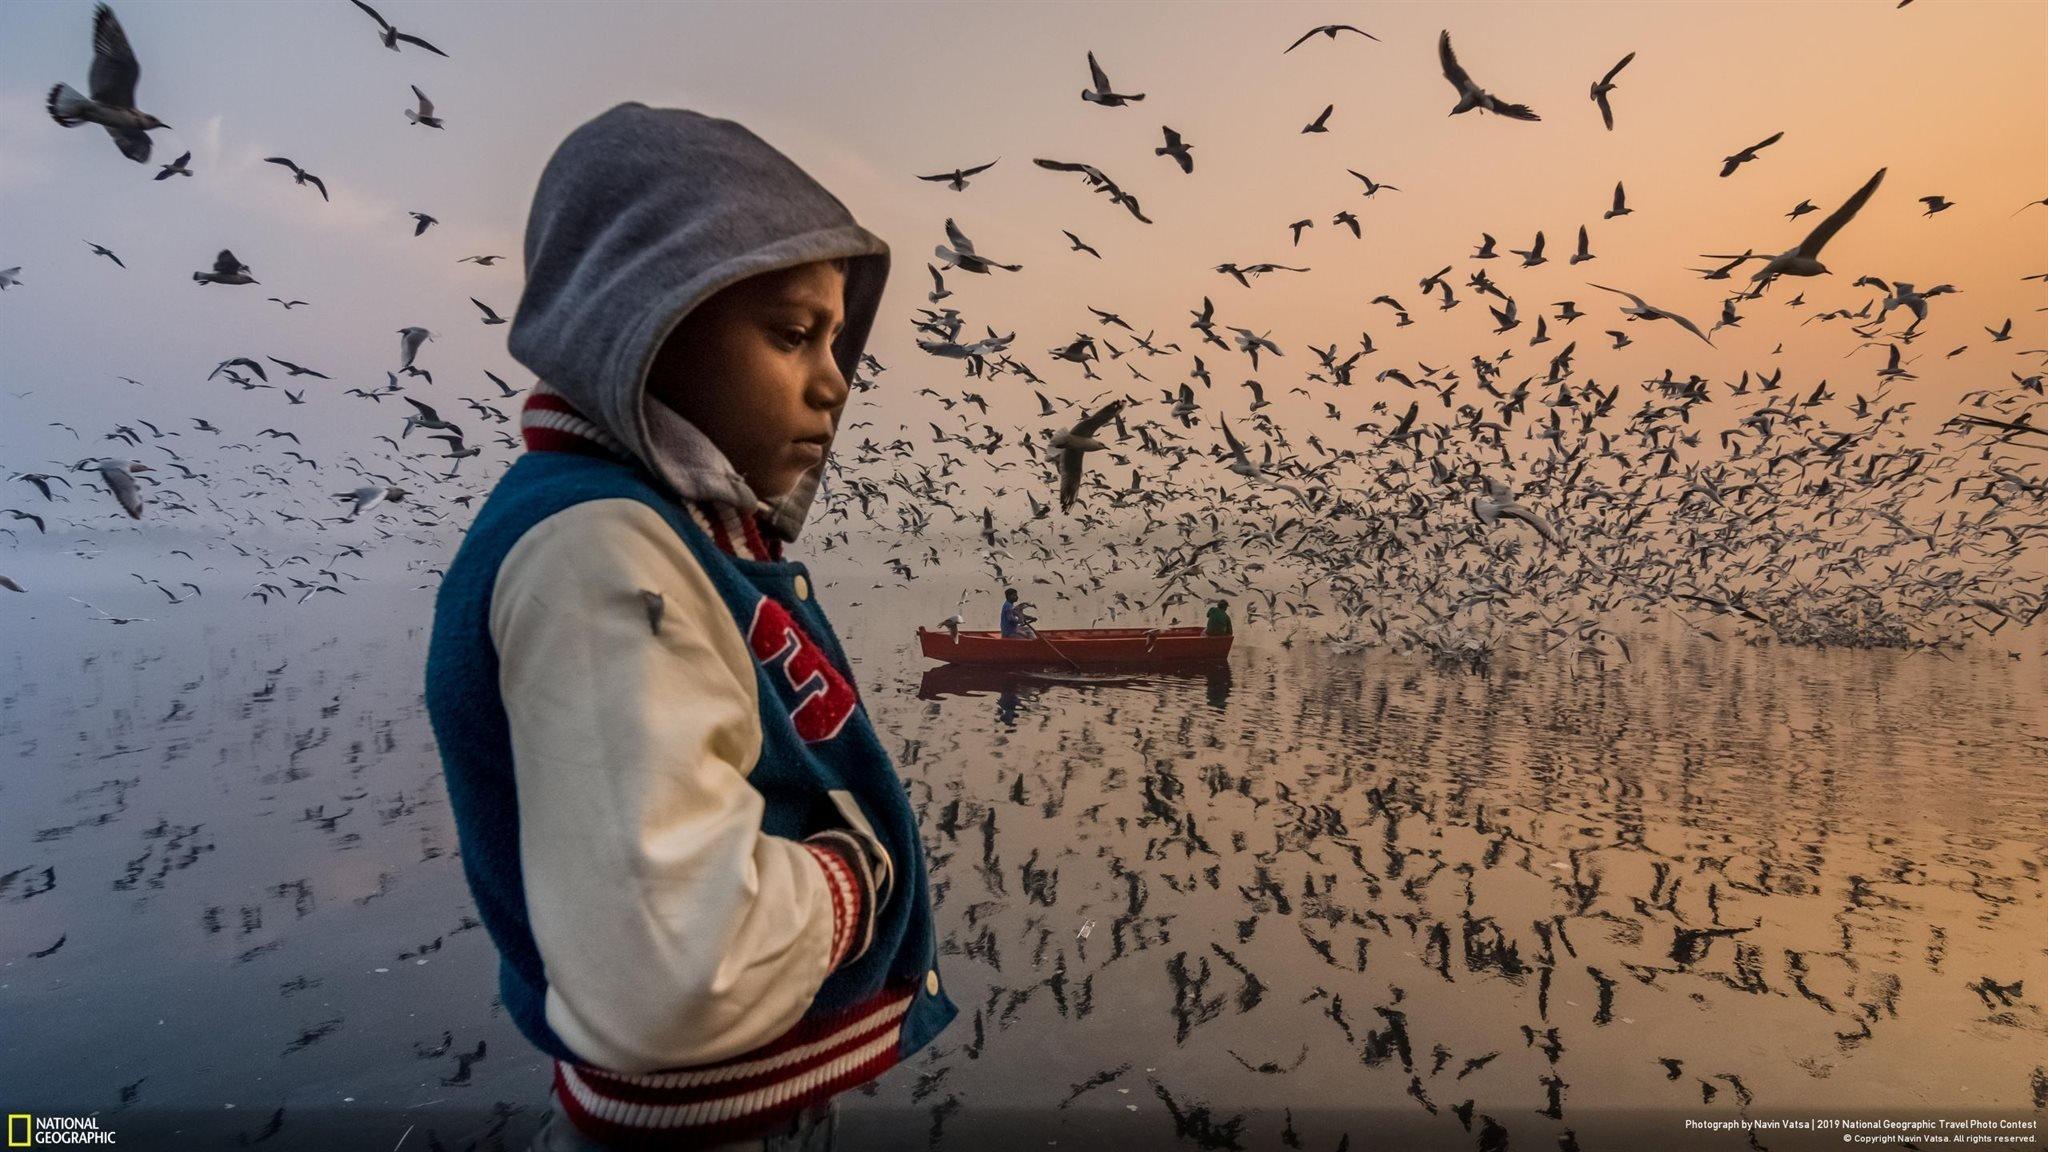 Победители фотоконкурса National Geographic 2019 Travel Photo Contest